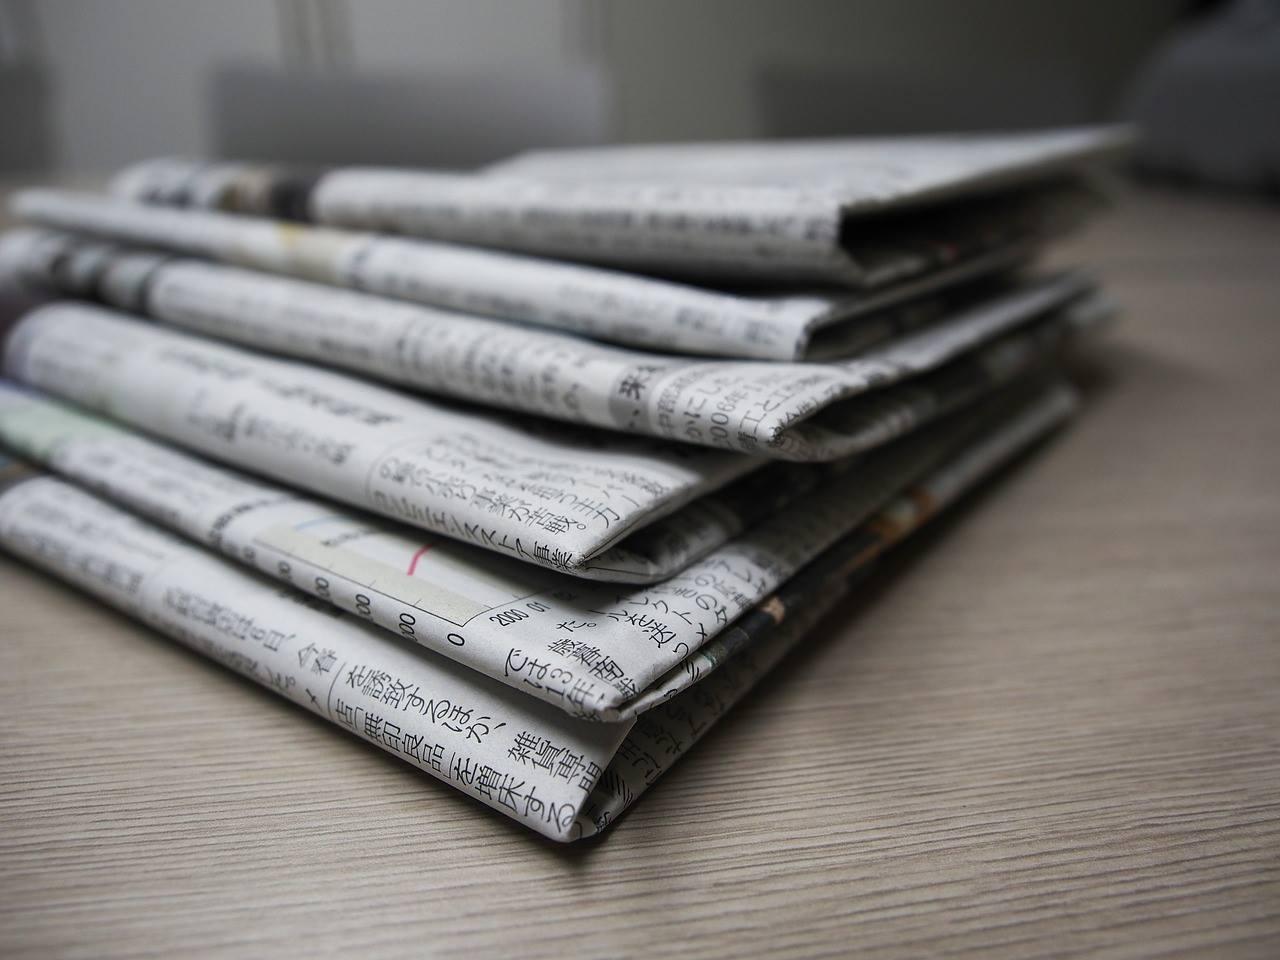 新聞朝刊を何部か重ねた写真